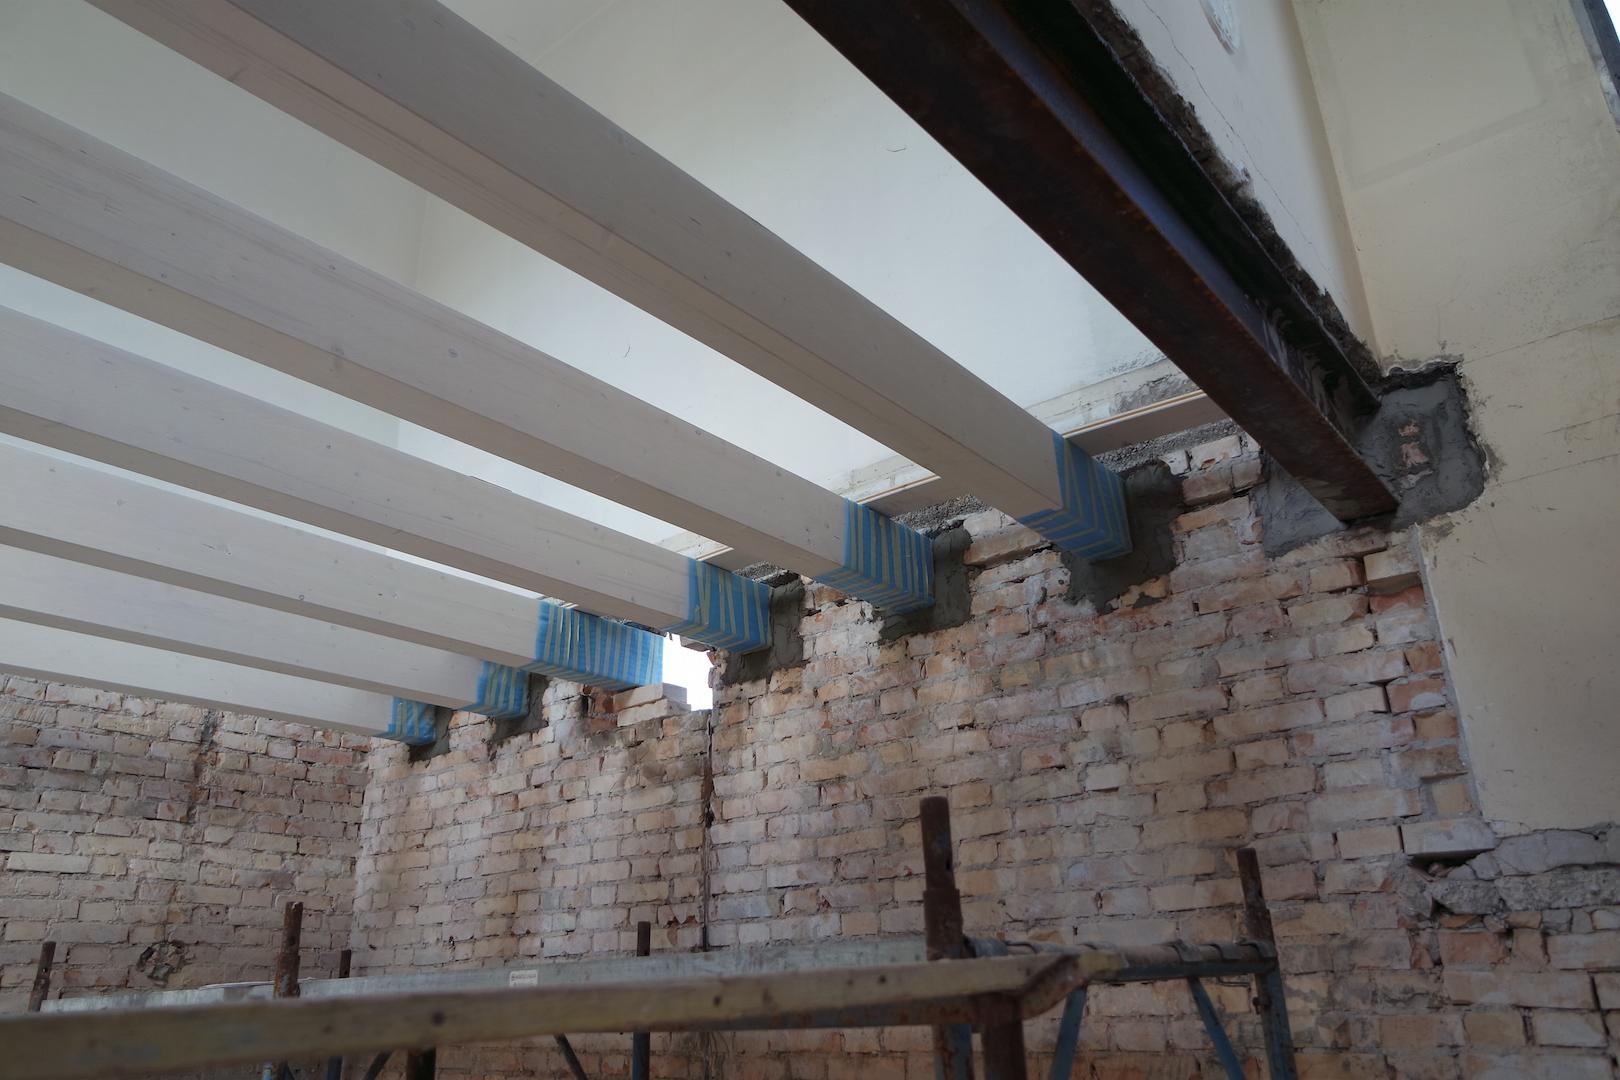 Travi e putrelle solaio ristrutturazione casa treviso - Tracce su muri portanti ...